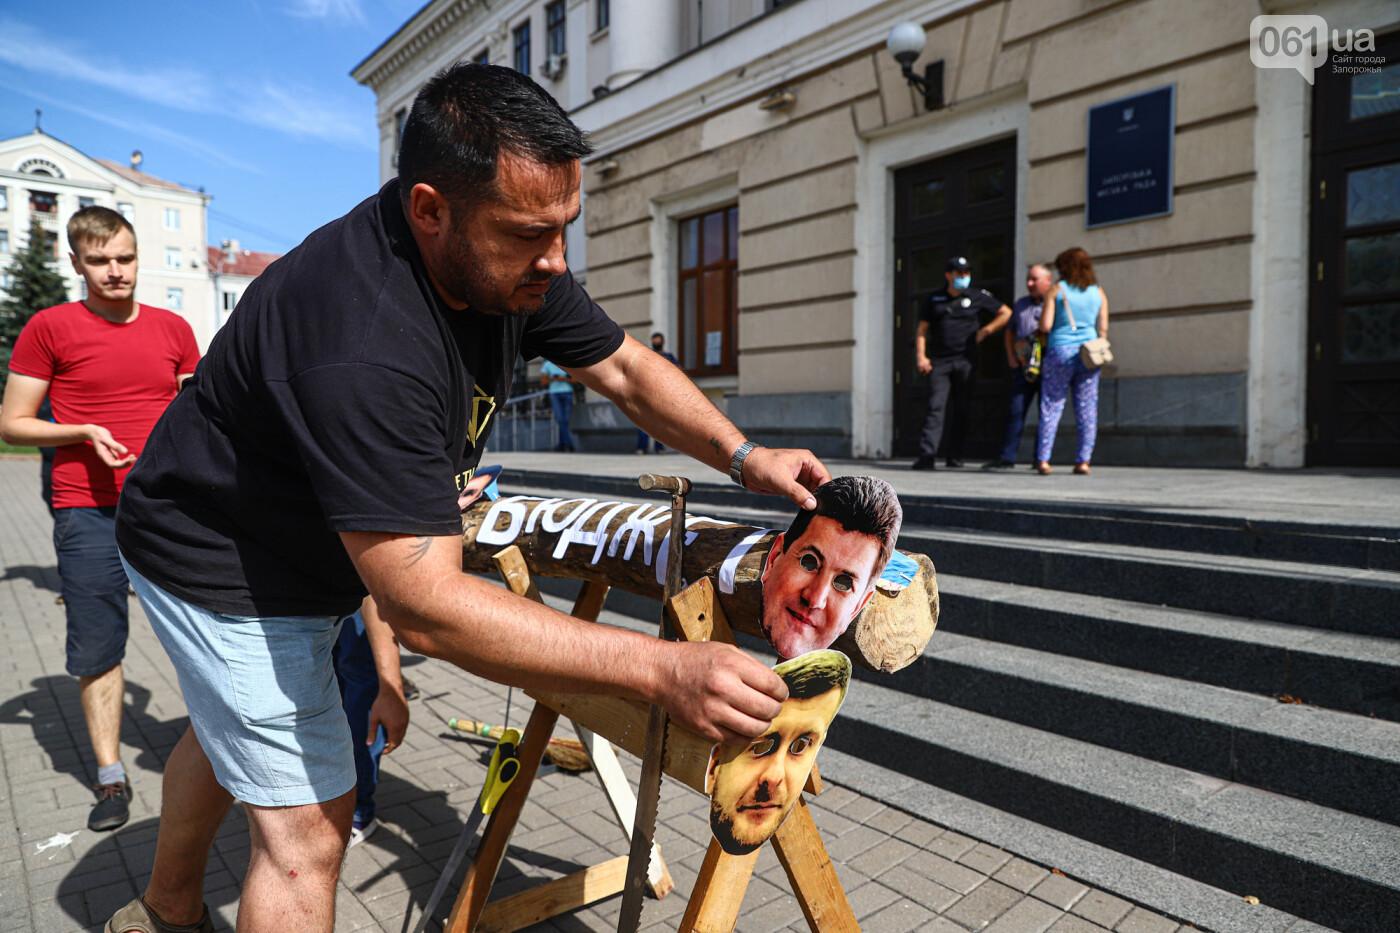 С пилами и в масках: в Запорожье возле мэрии активисты показали, как распиливают городской бюджет, - ФОТОРЕПОРТАЖ, фото-2